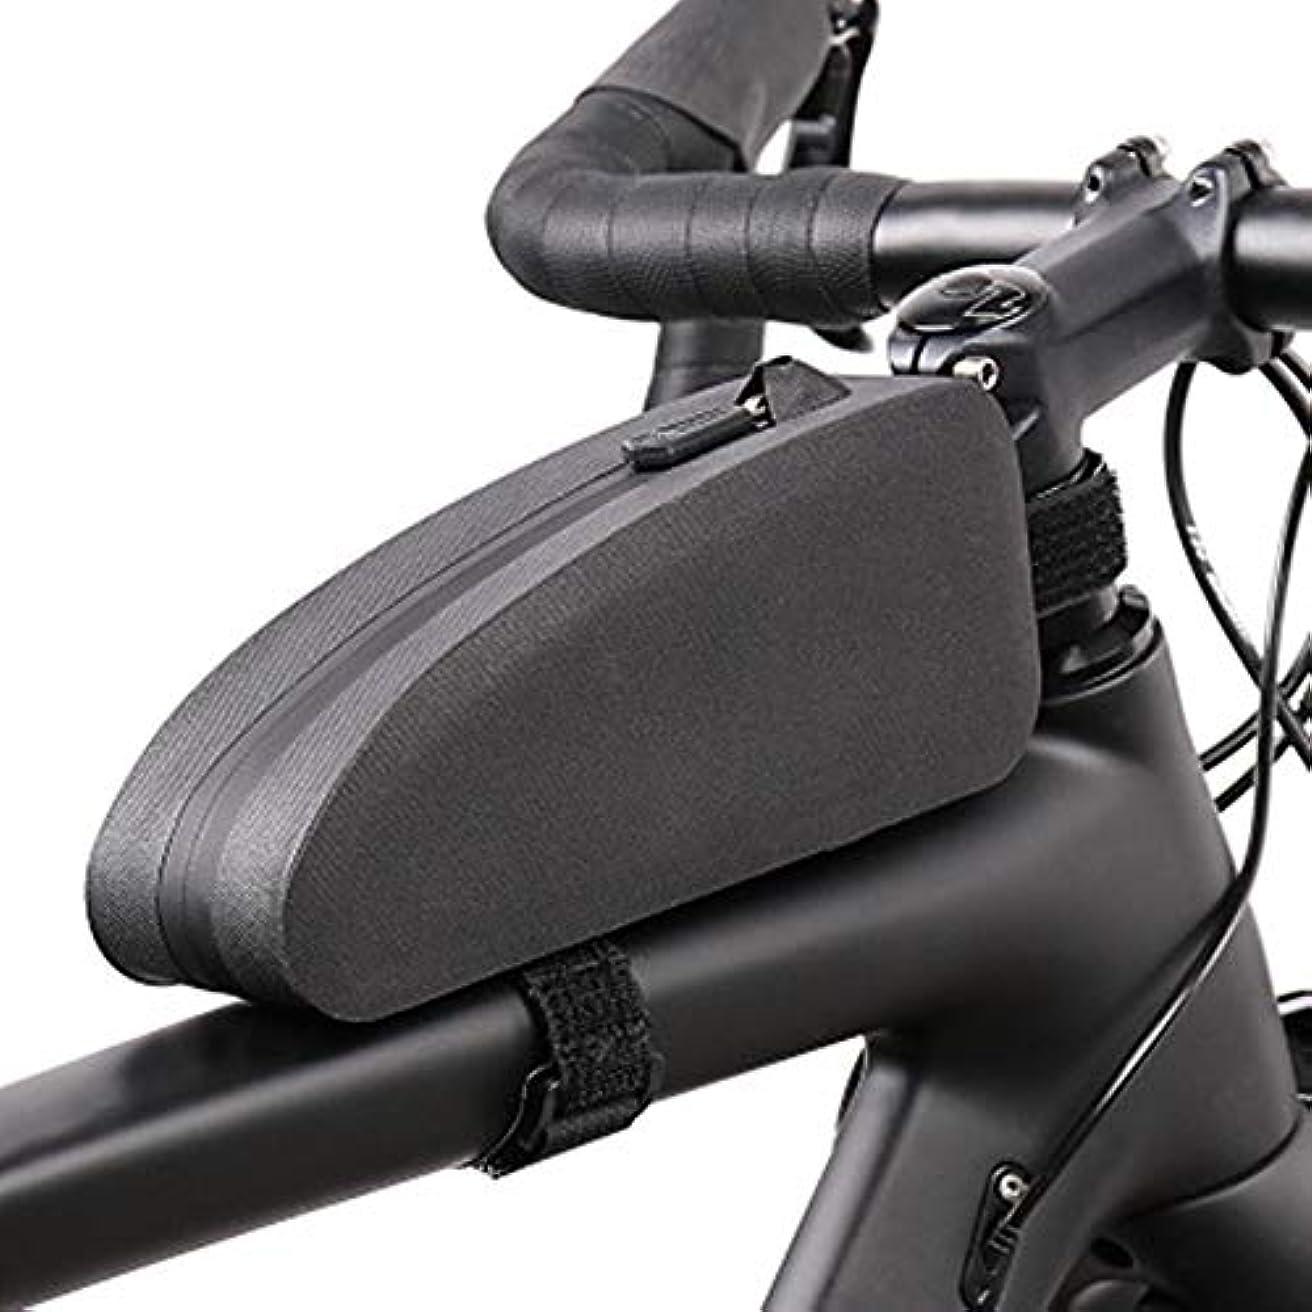 いたずらな香りなに自転車バッグ ラック収納用自転車バッグサイクリングフロントフレームバッグ大容量ジッパーバッグ サドルバッグ?フレームバッグ (色 : Black, Size : One size)